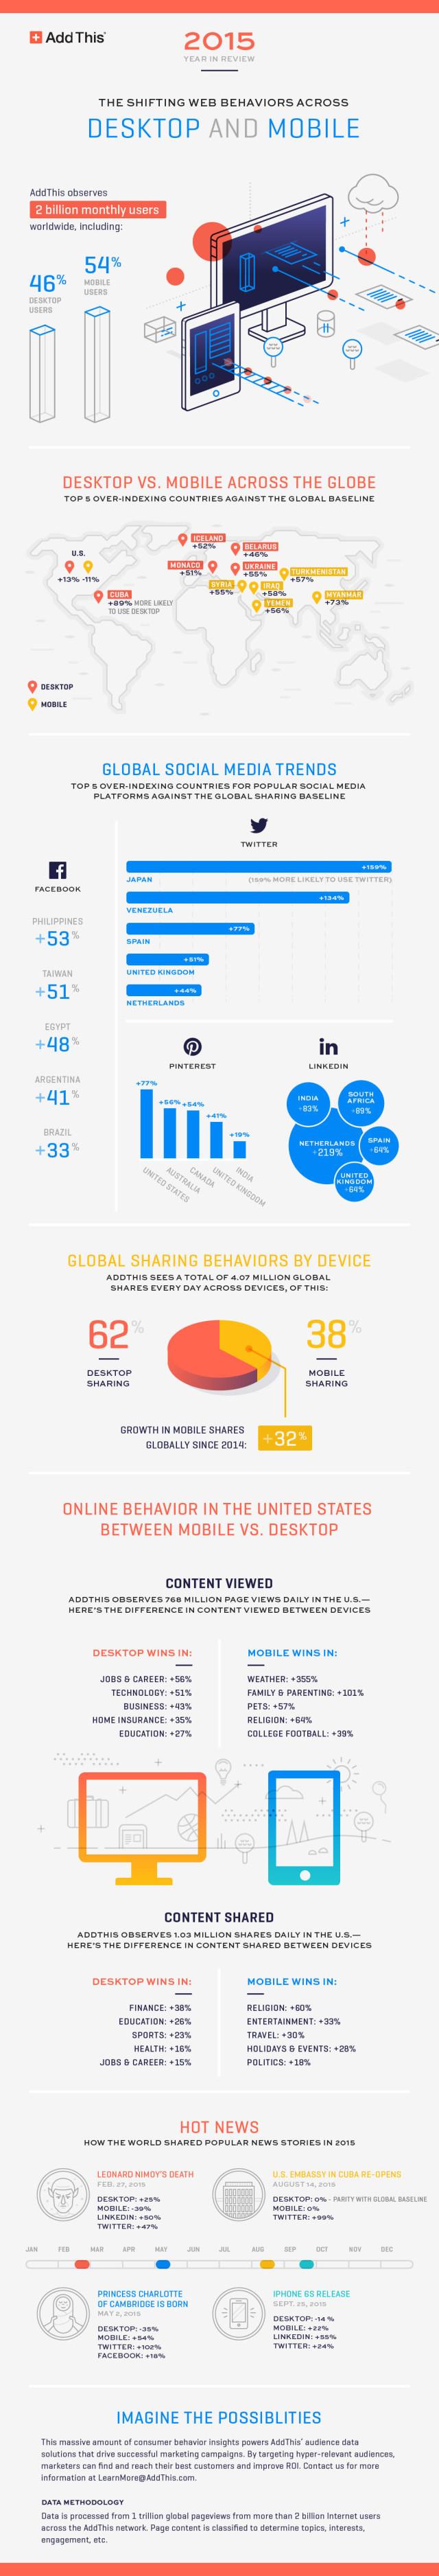 Trends in Online Behaviors